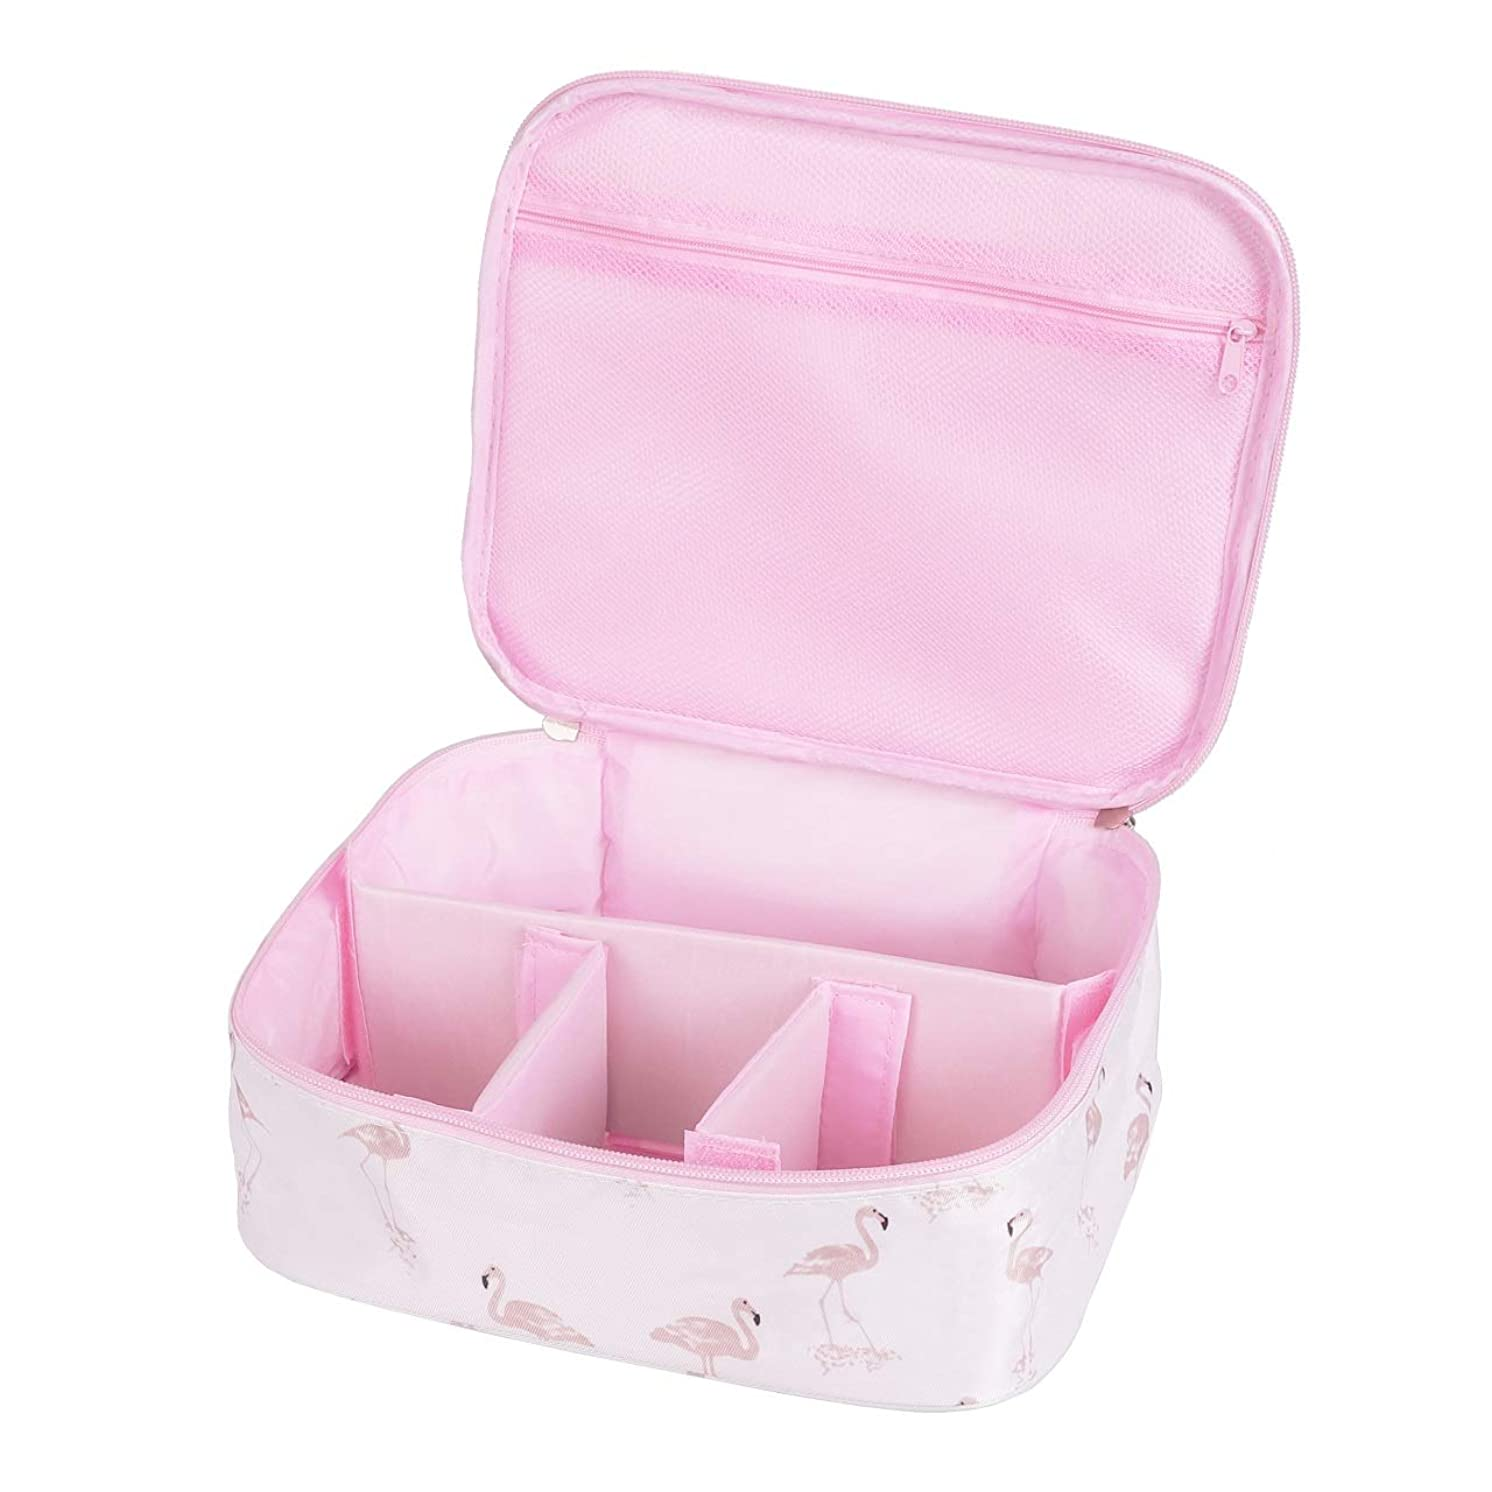 ベーコン旅コール[CAWKAY] メイクボックス 旅行用化粧ケース コスメ バッグ ボックス トラベル化粧ポーチ メイクブラシ 小物入れ 収納